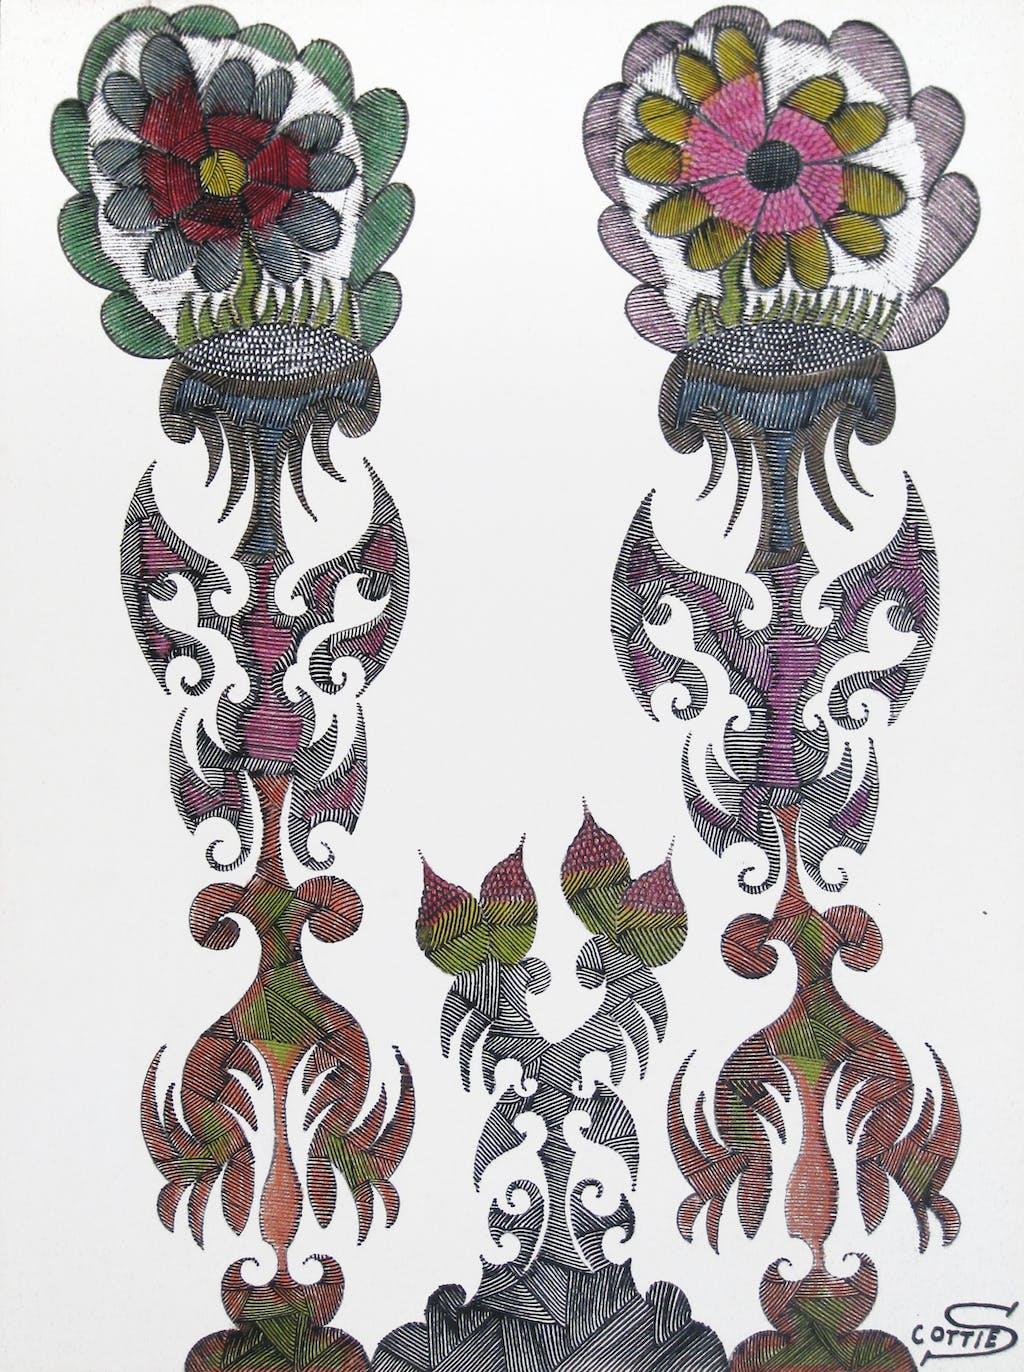 scottie wilson, *s.t. 2 fleurs*, 1944. encre de couleur sur feuille collée sur carton, 38 x 28 cm. - © christian berst art brut, christian berst — art brut